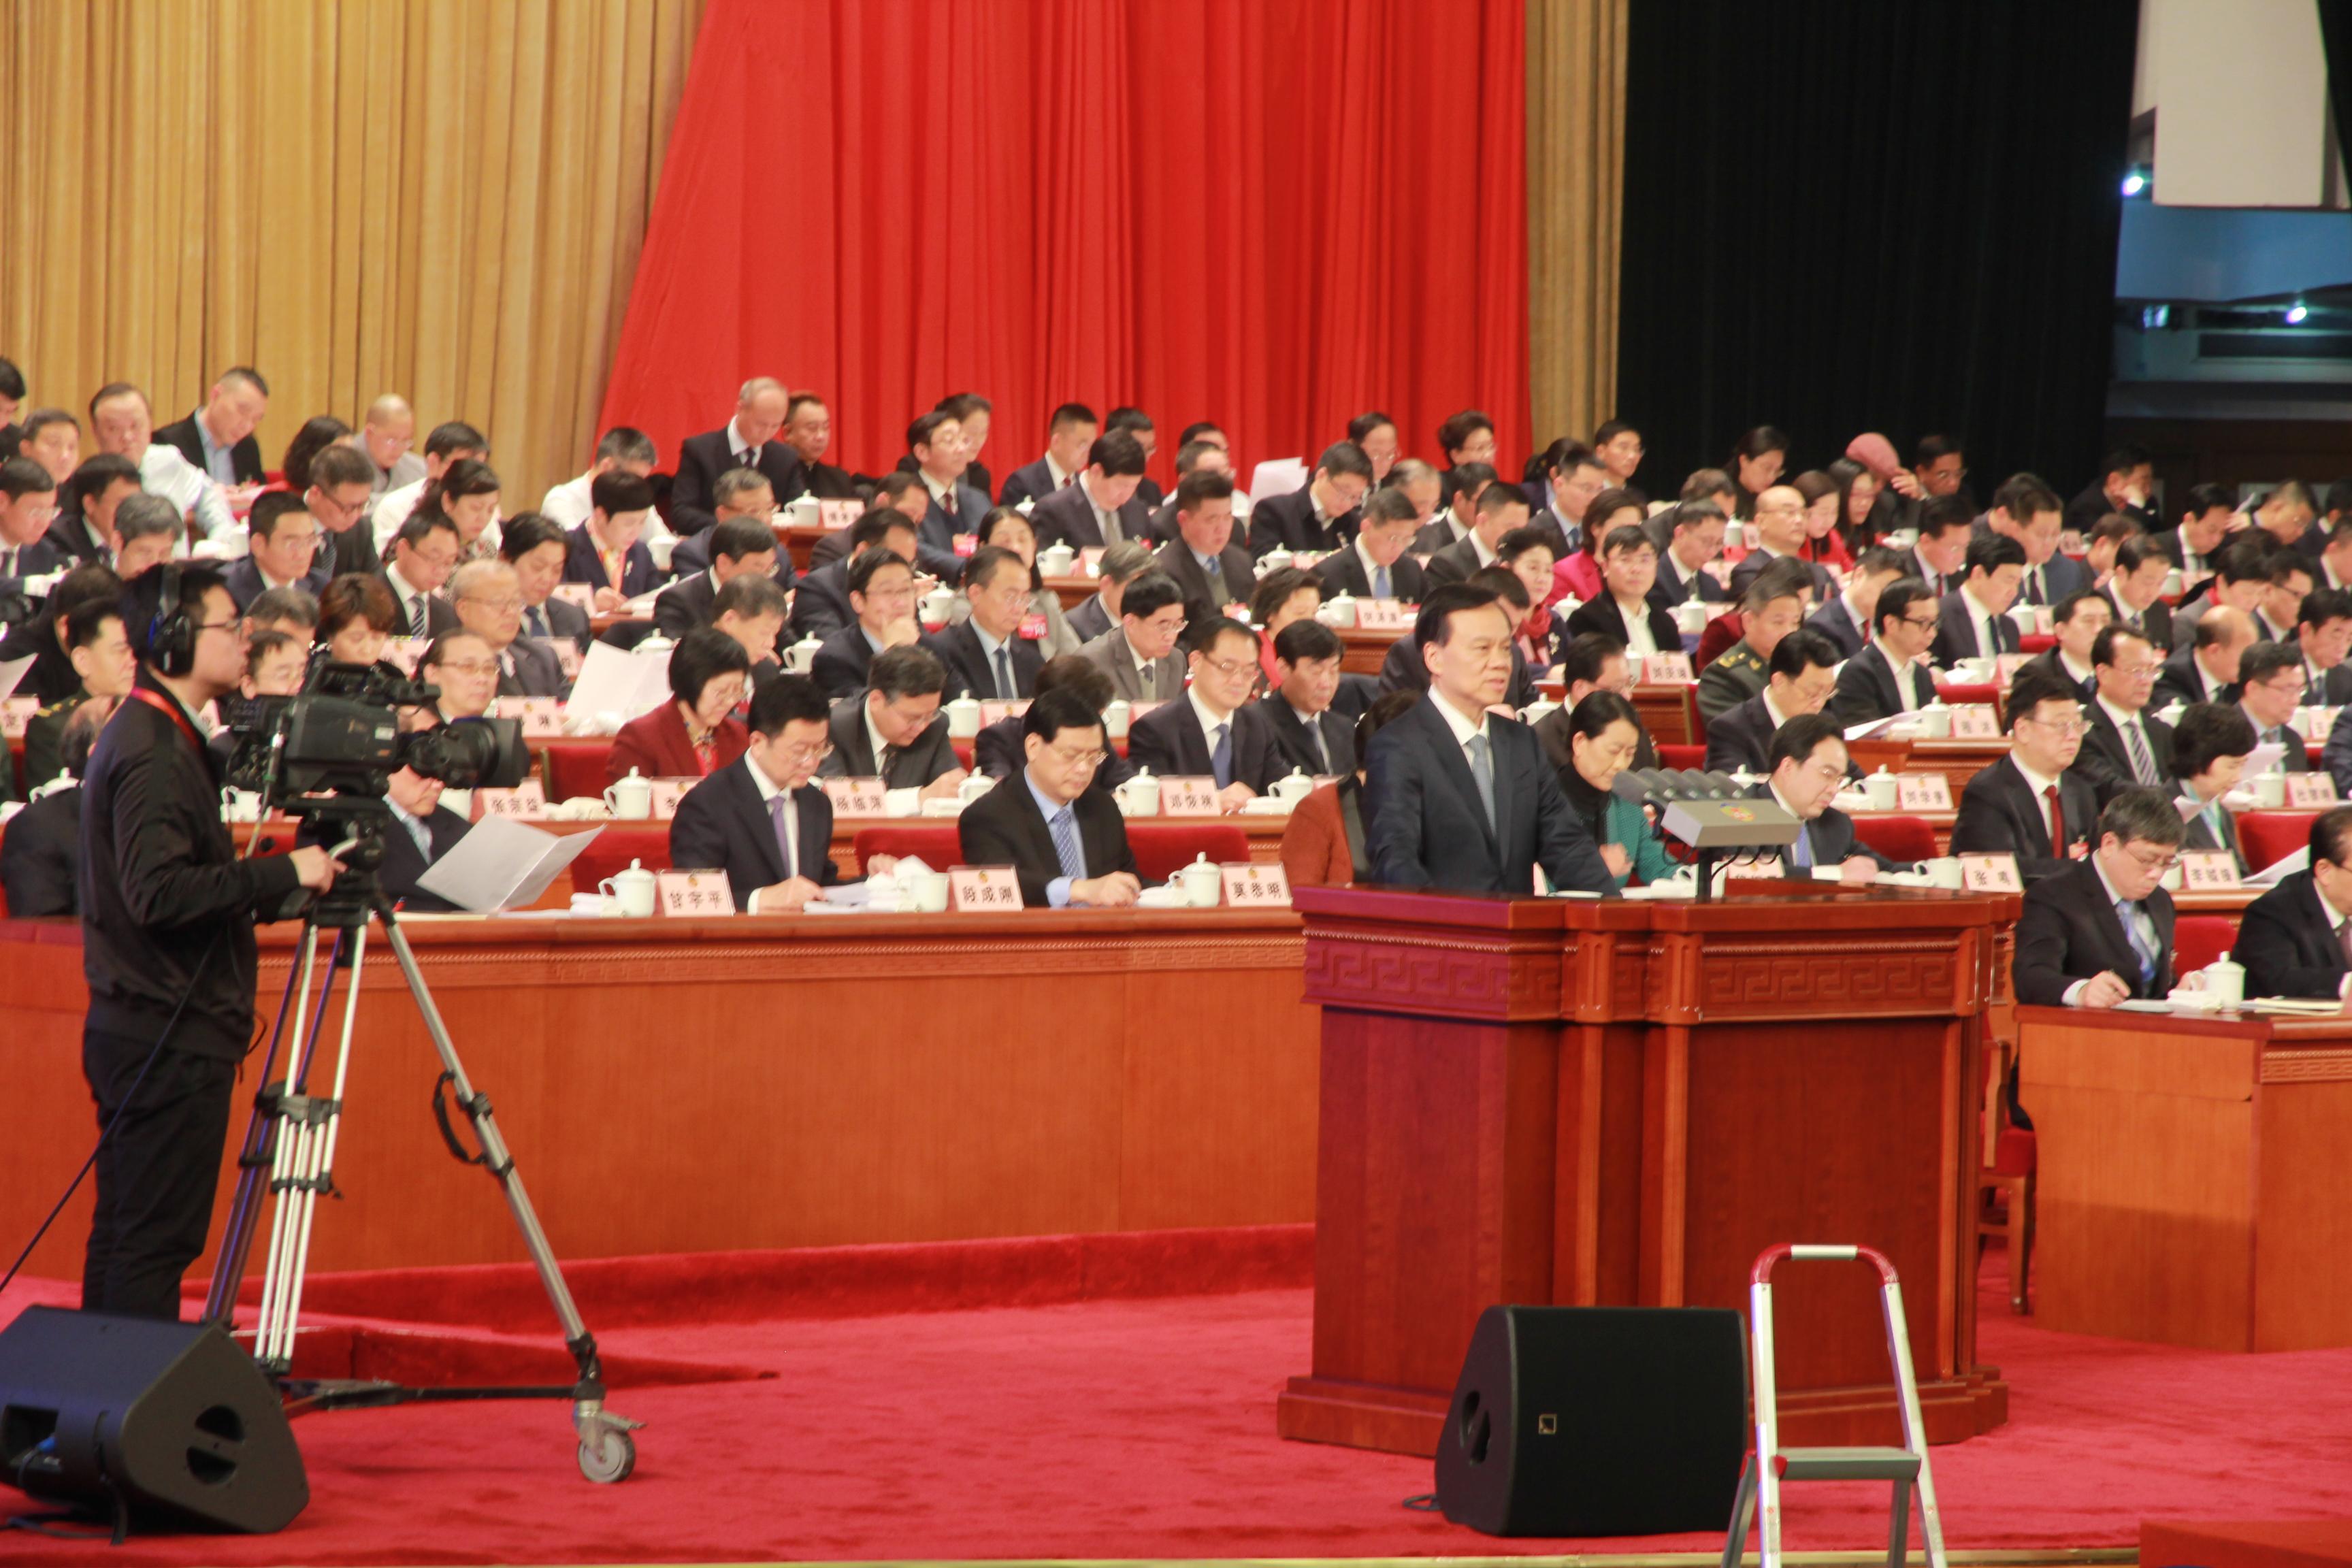 重庆市委书记陈敏儿在会上发表重要讲话